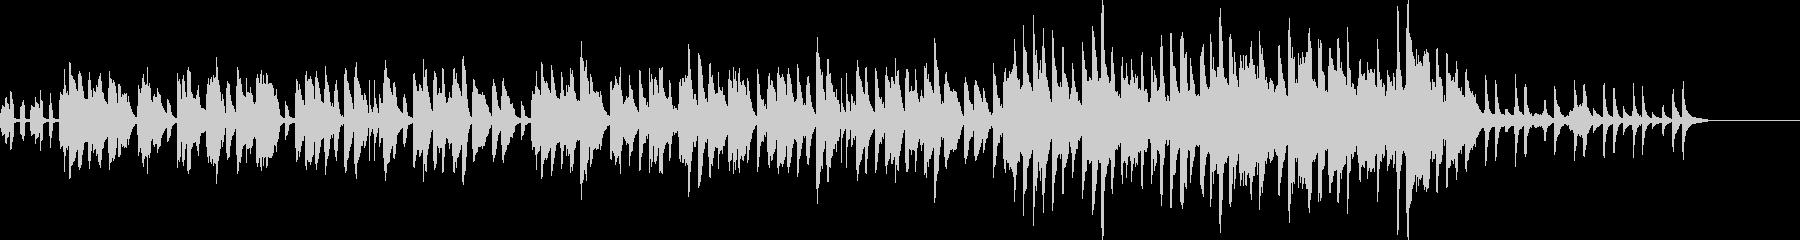 メルヘンなイメージの曲の未再生の波形